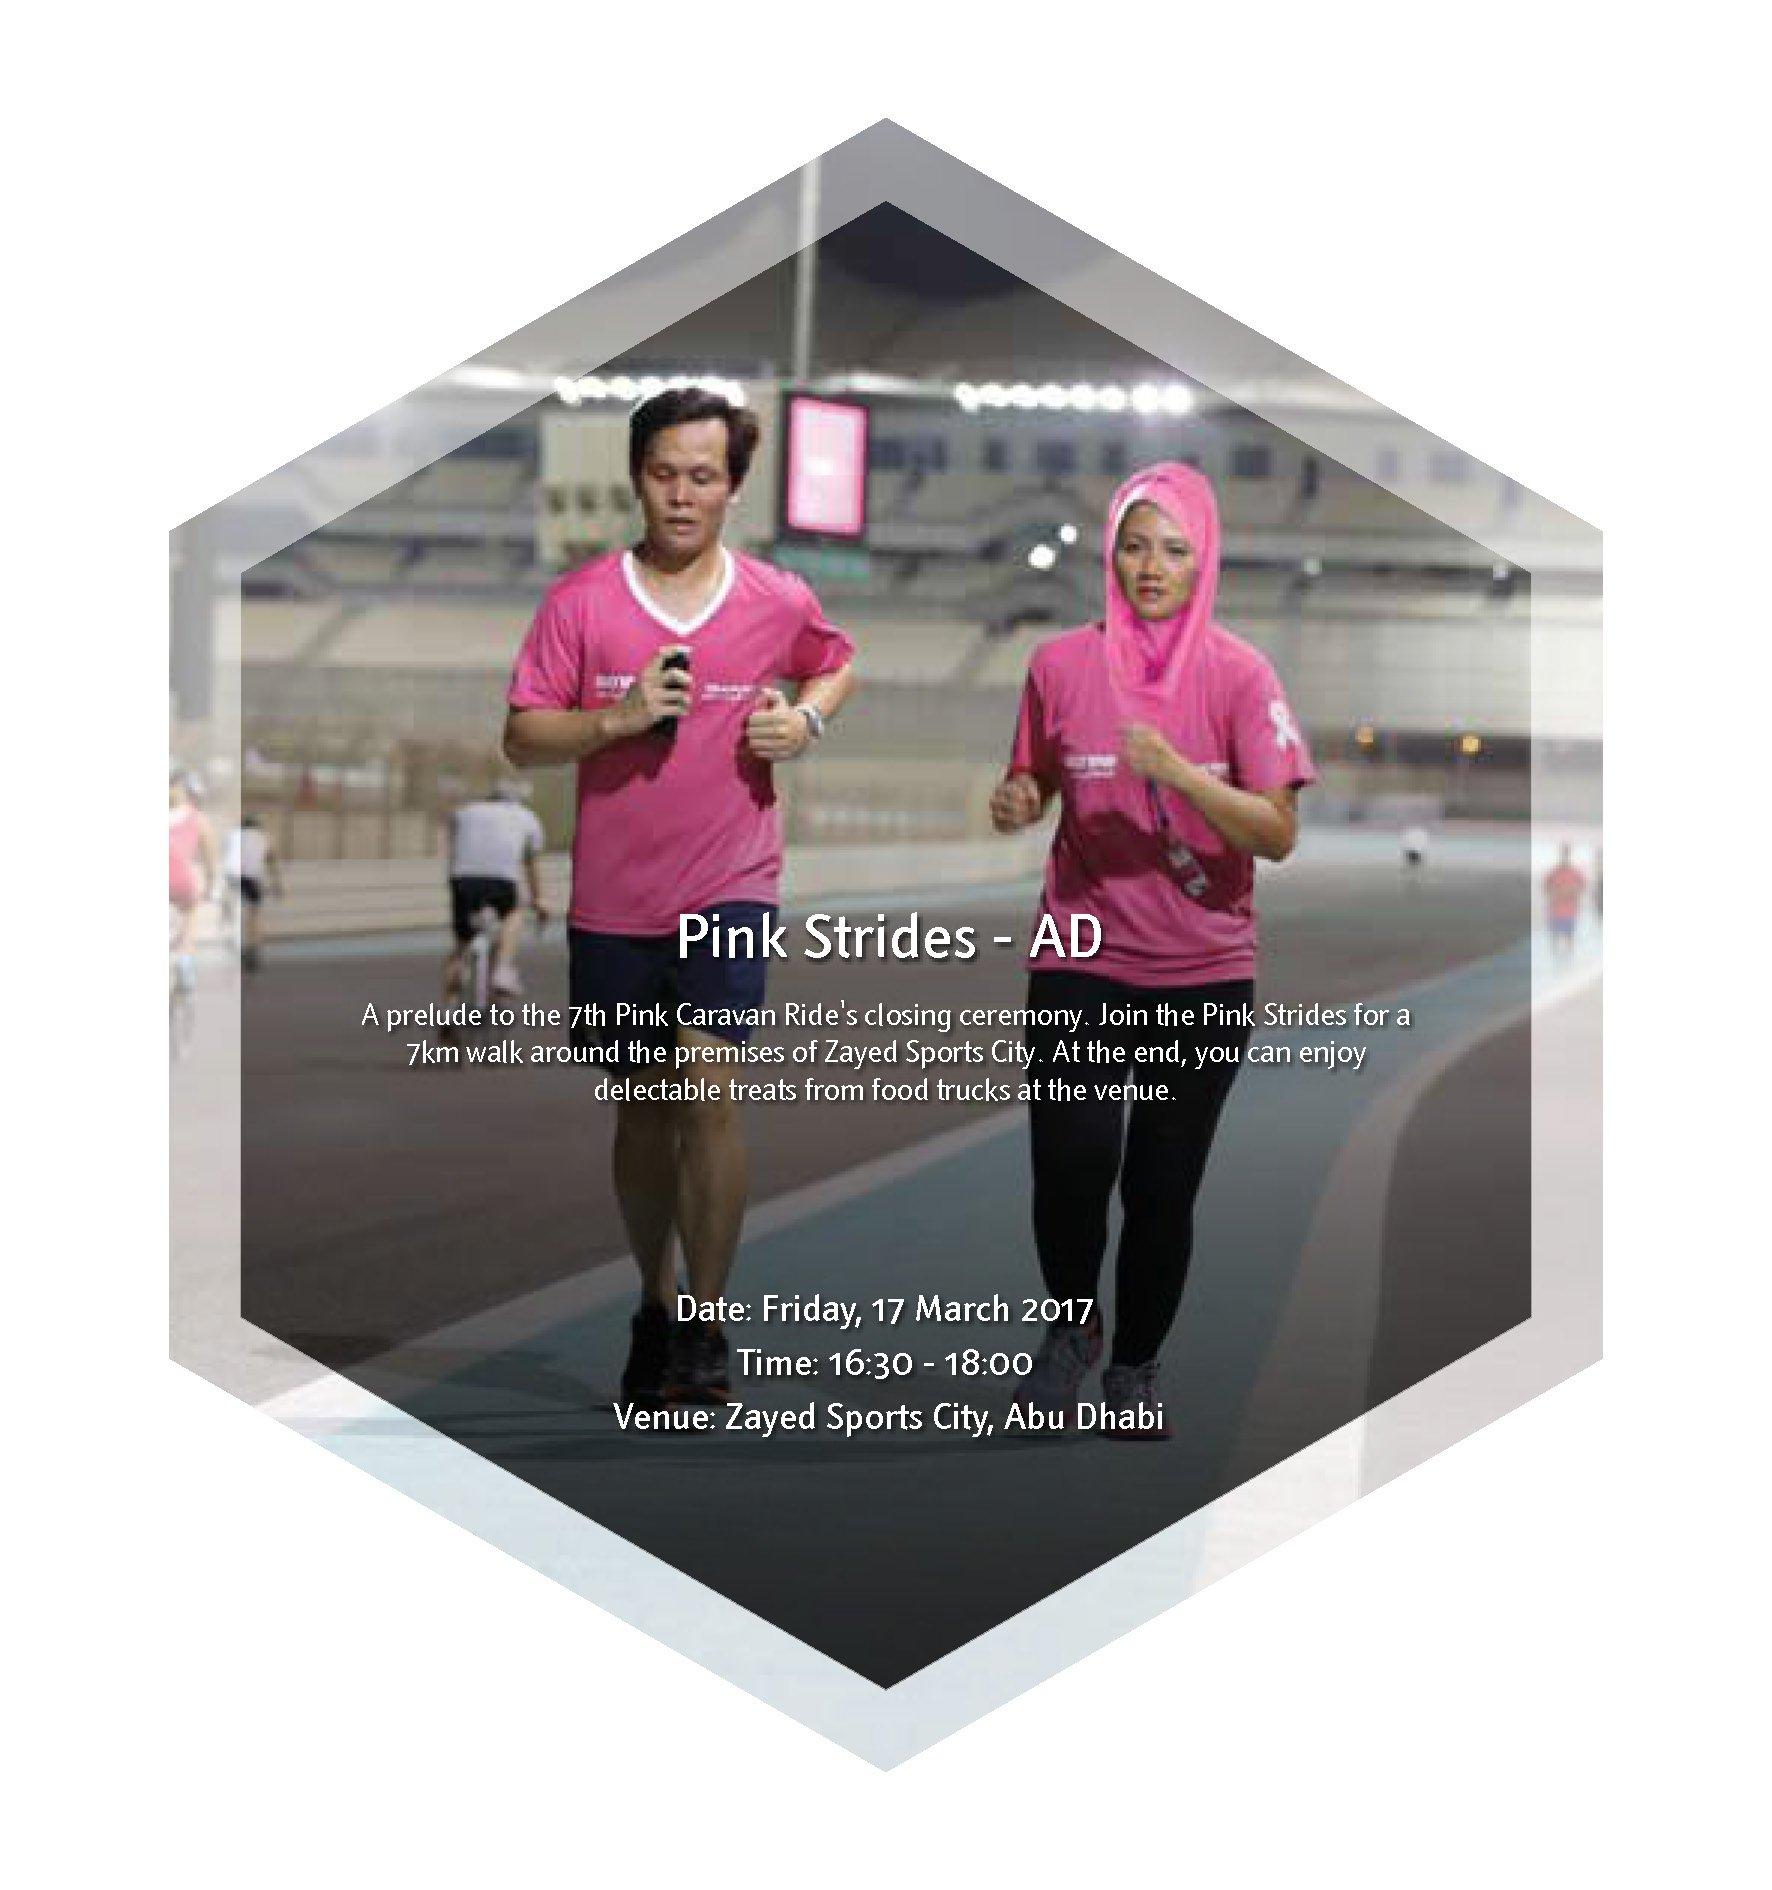 Give the 7th Pink Caravan Ride a Last Hurrah at 'Pink Strides' Abu Dhabi